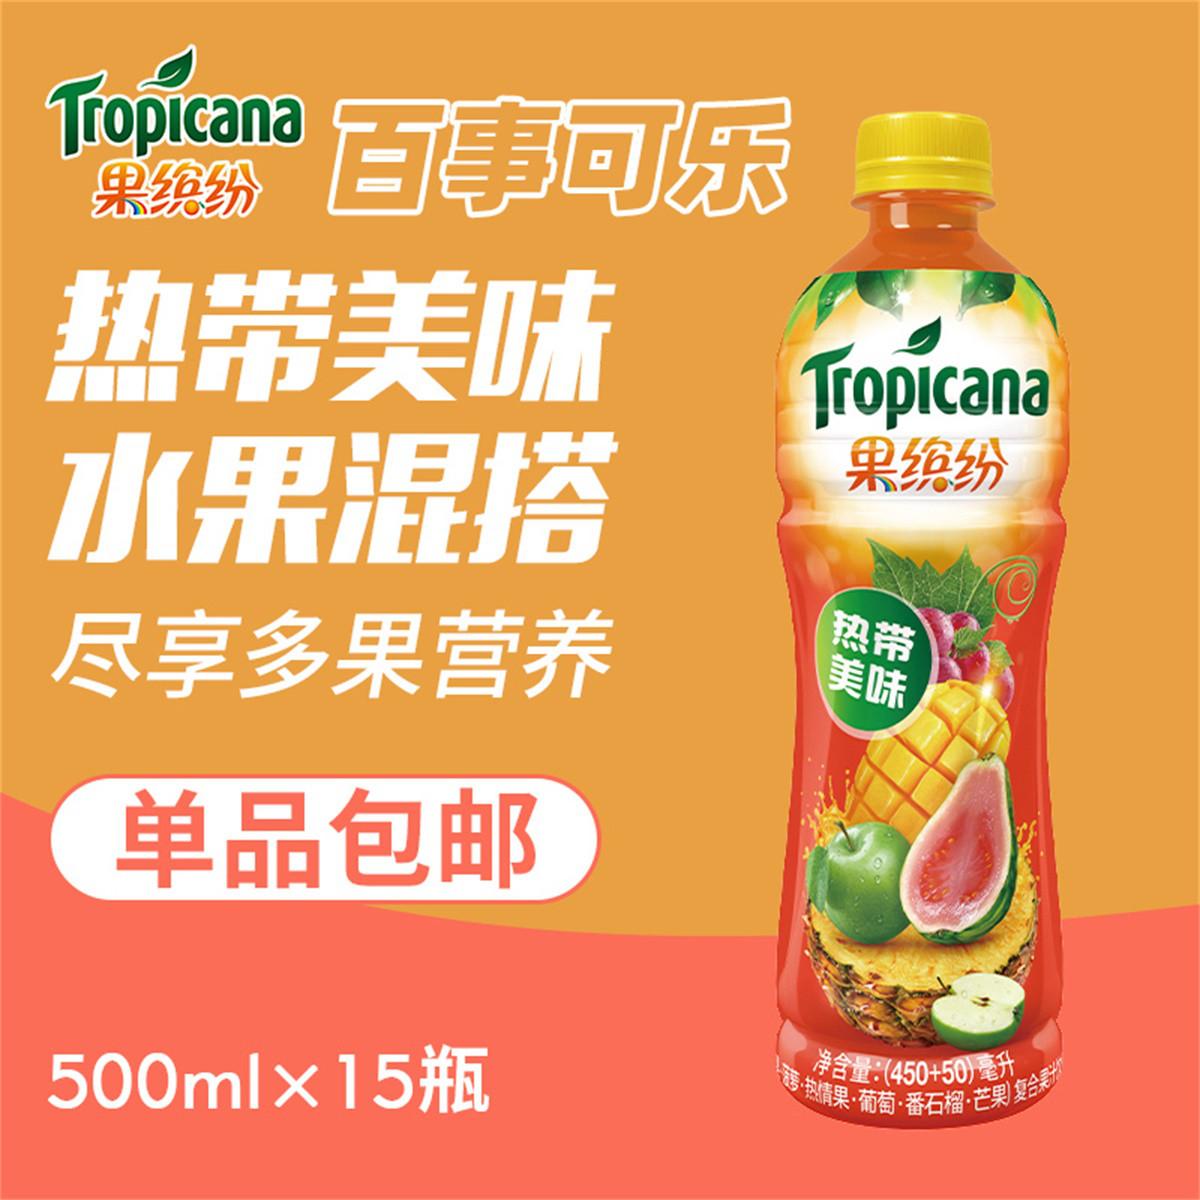 果缤纷果汁饮料热带美味混合水果味500ml*15瓶